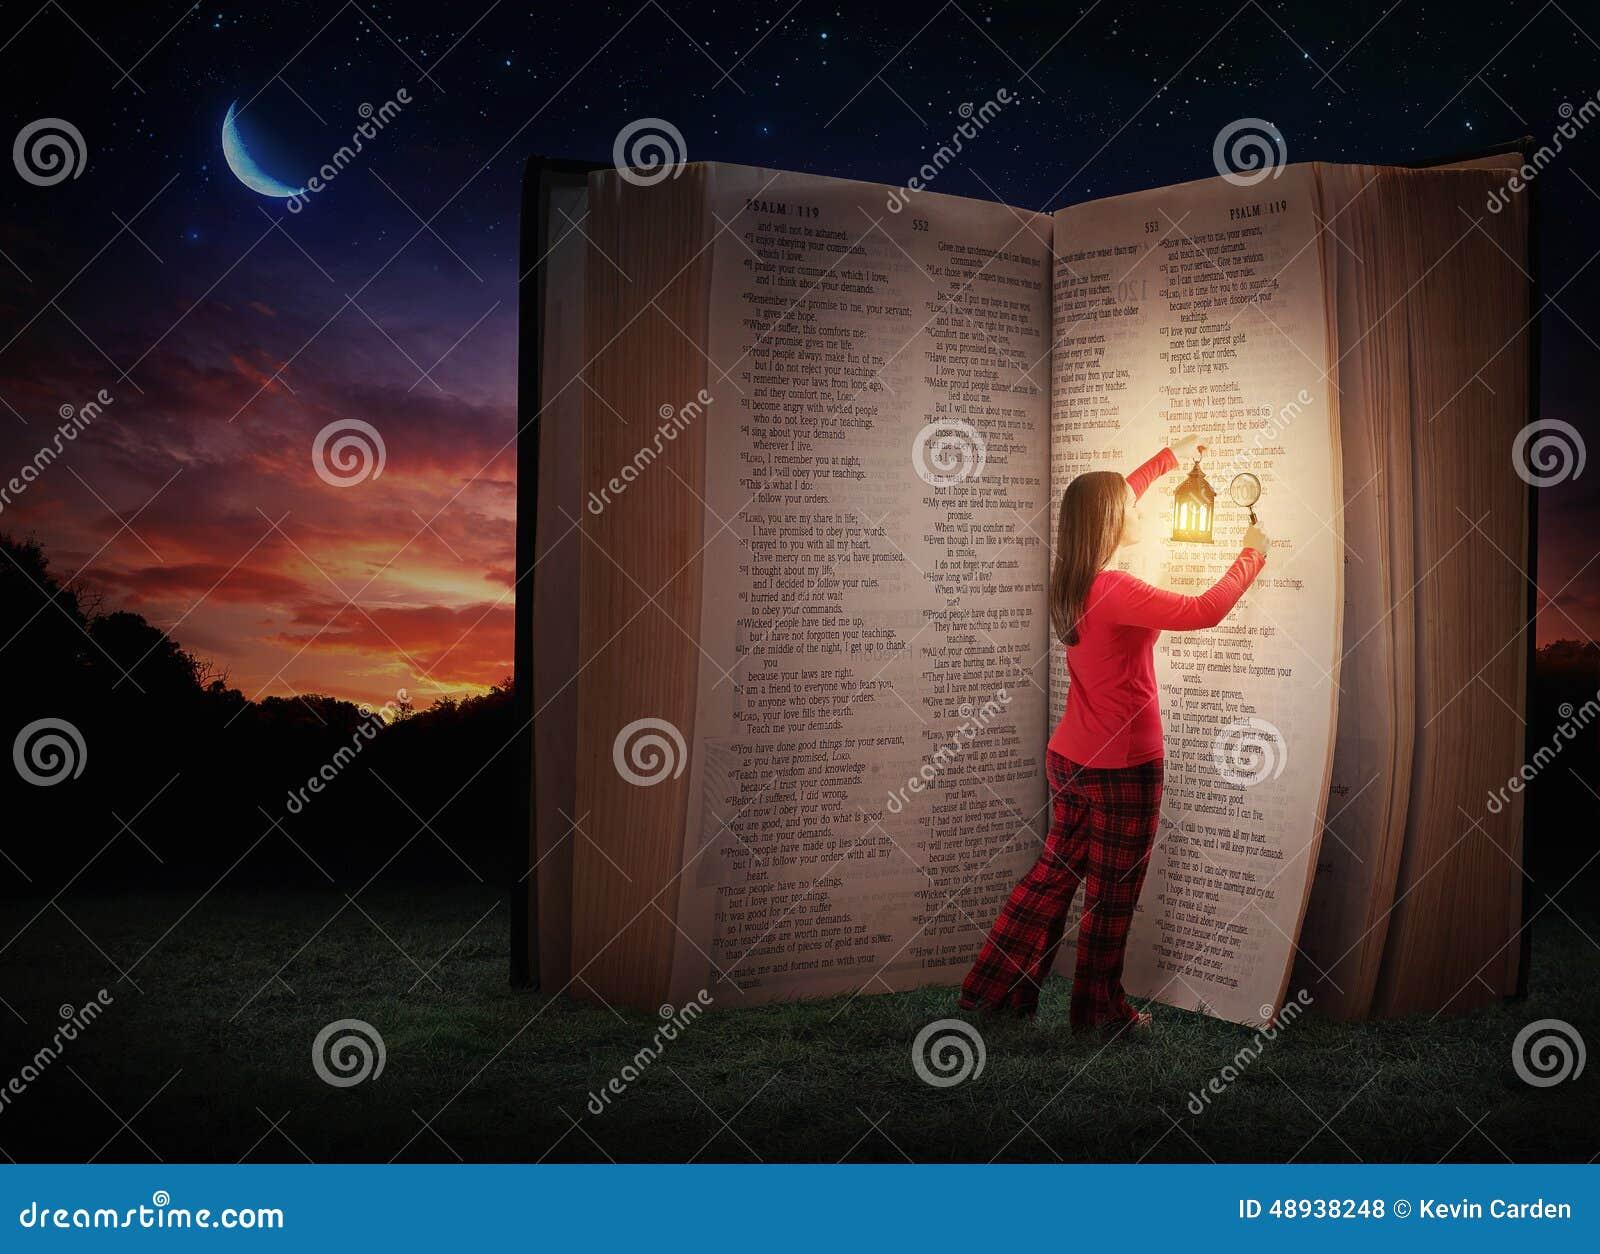 Αργά - μελέτη Βίβλων νύχτας